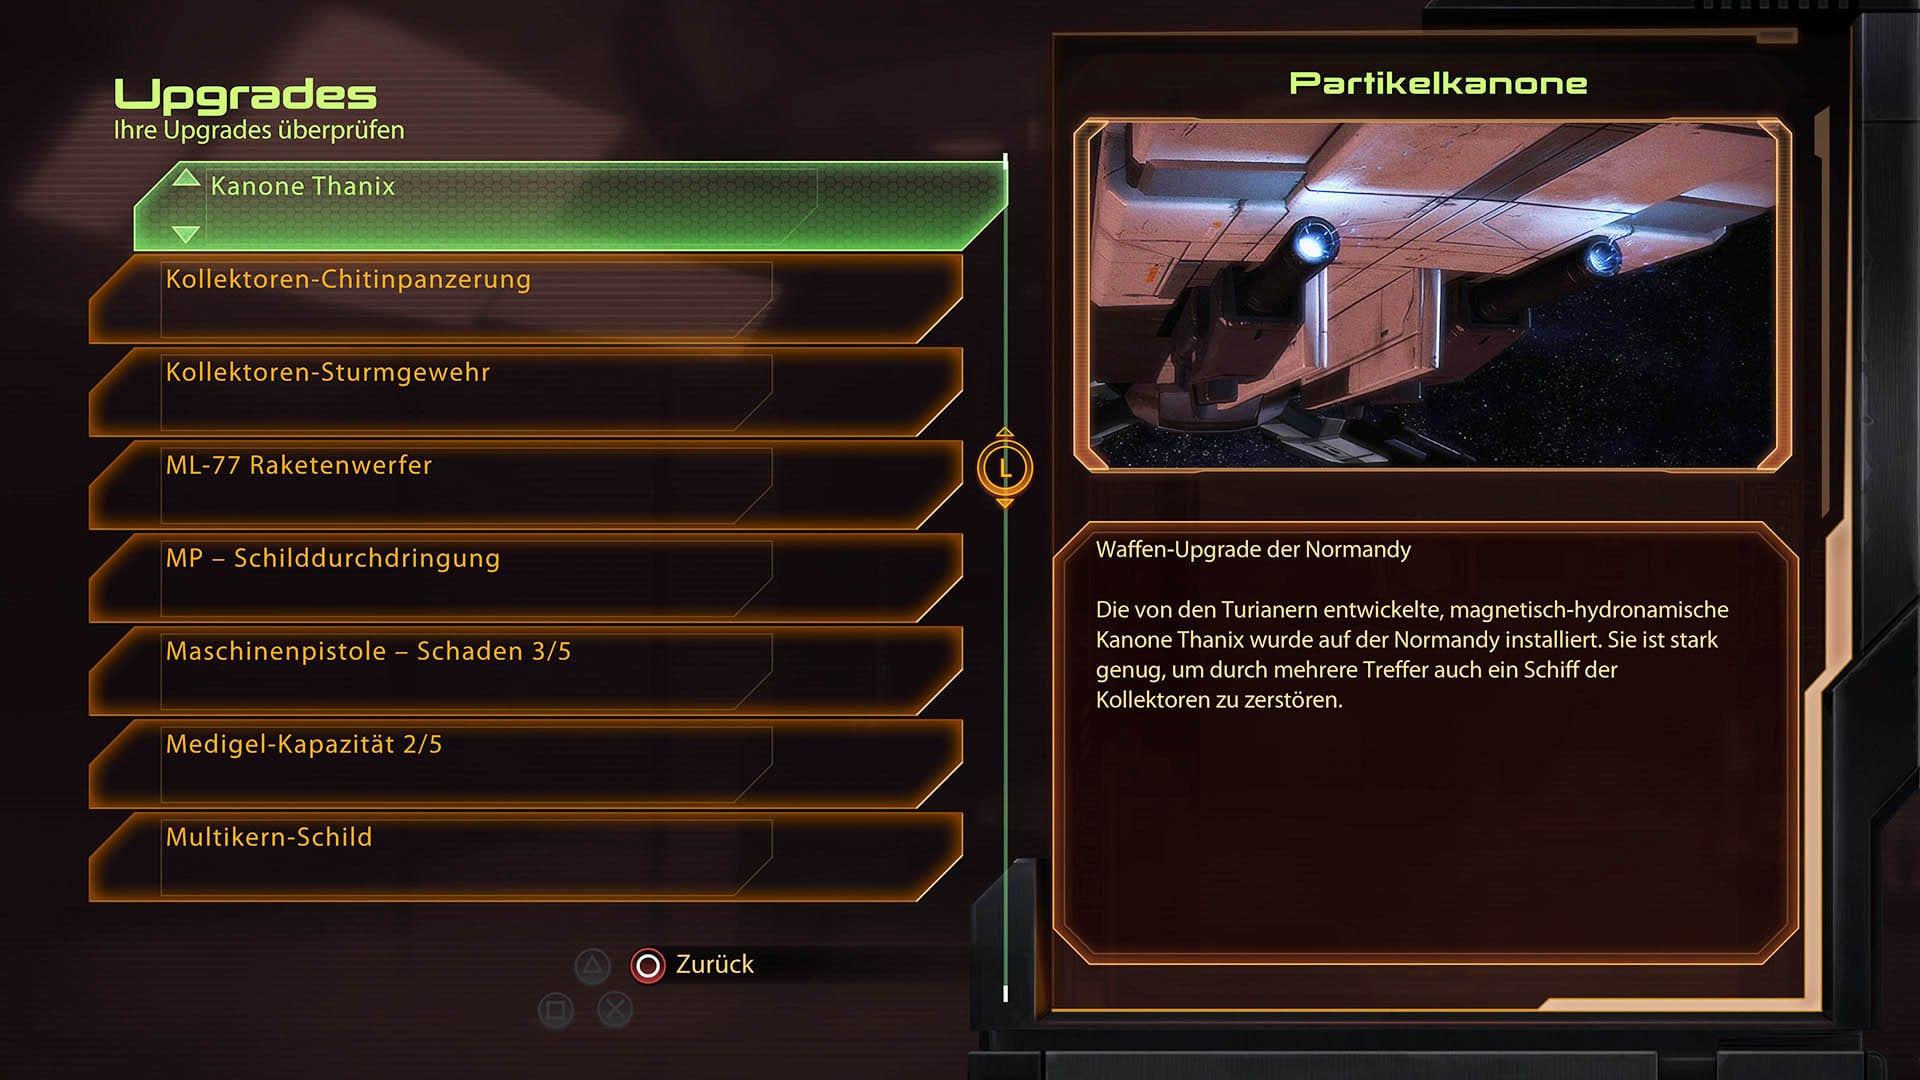 Mass Effect 2 - Lösung - letzte Mission - Partikelkanone